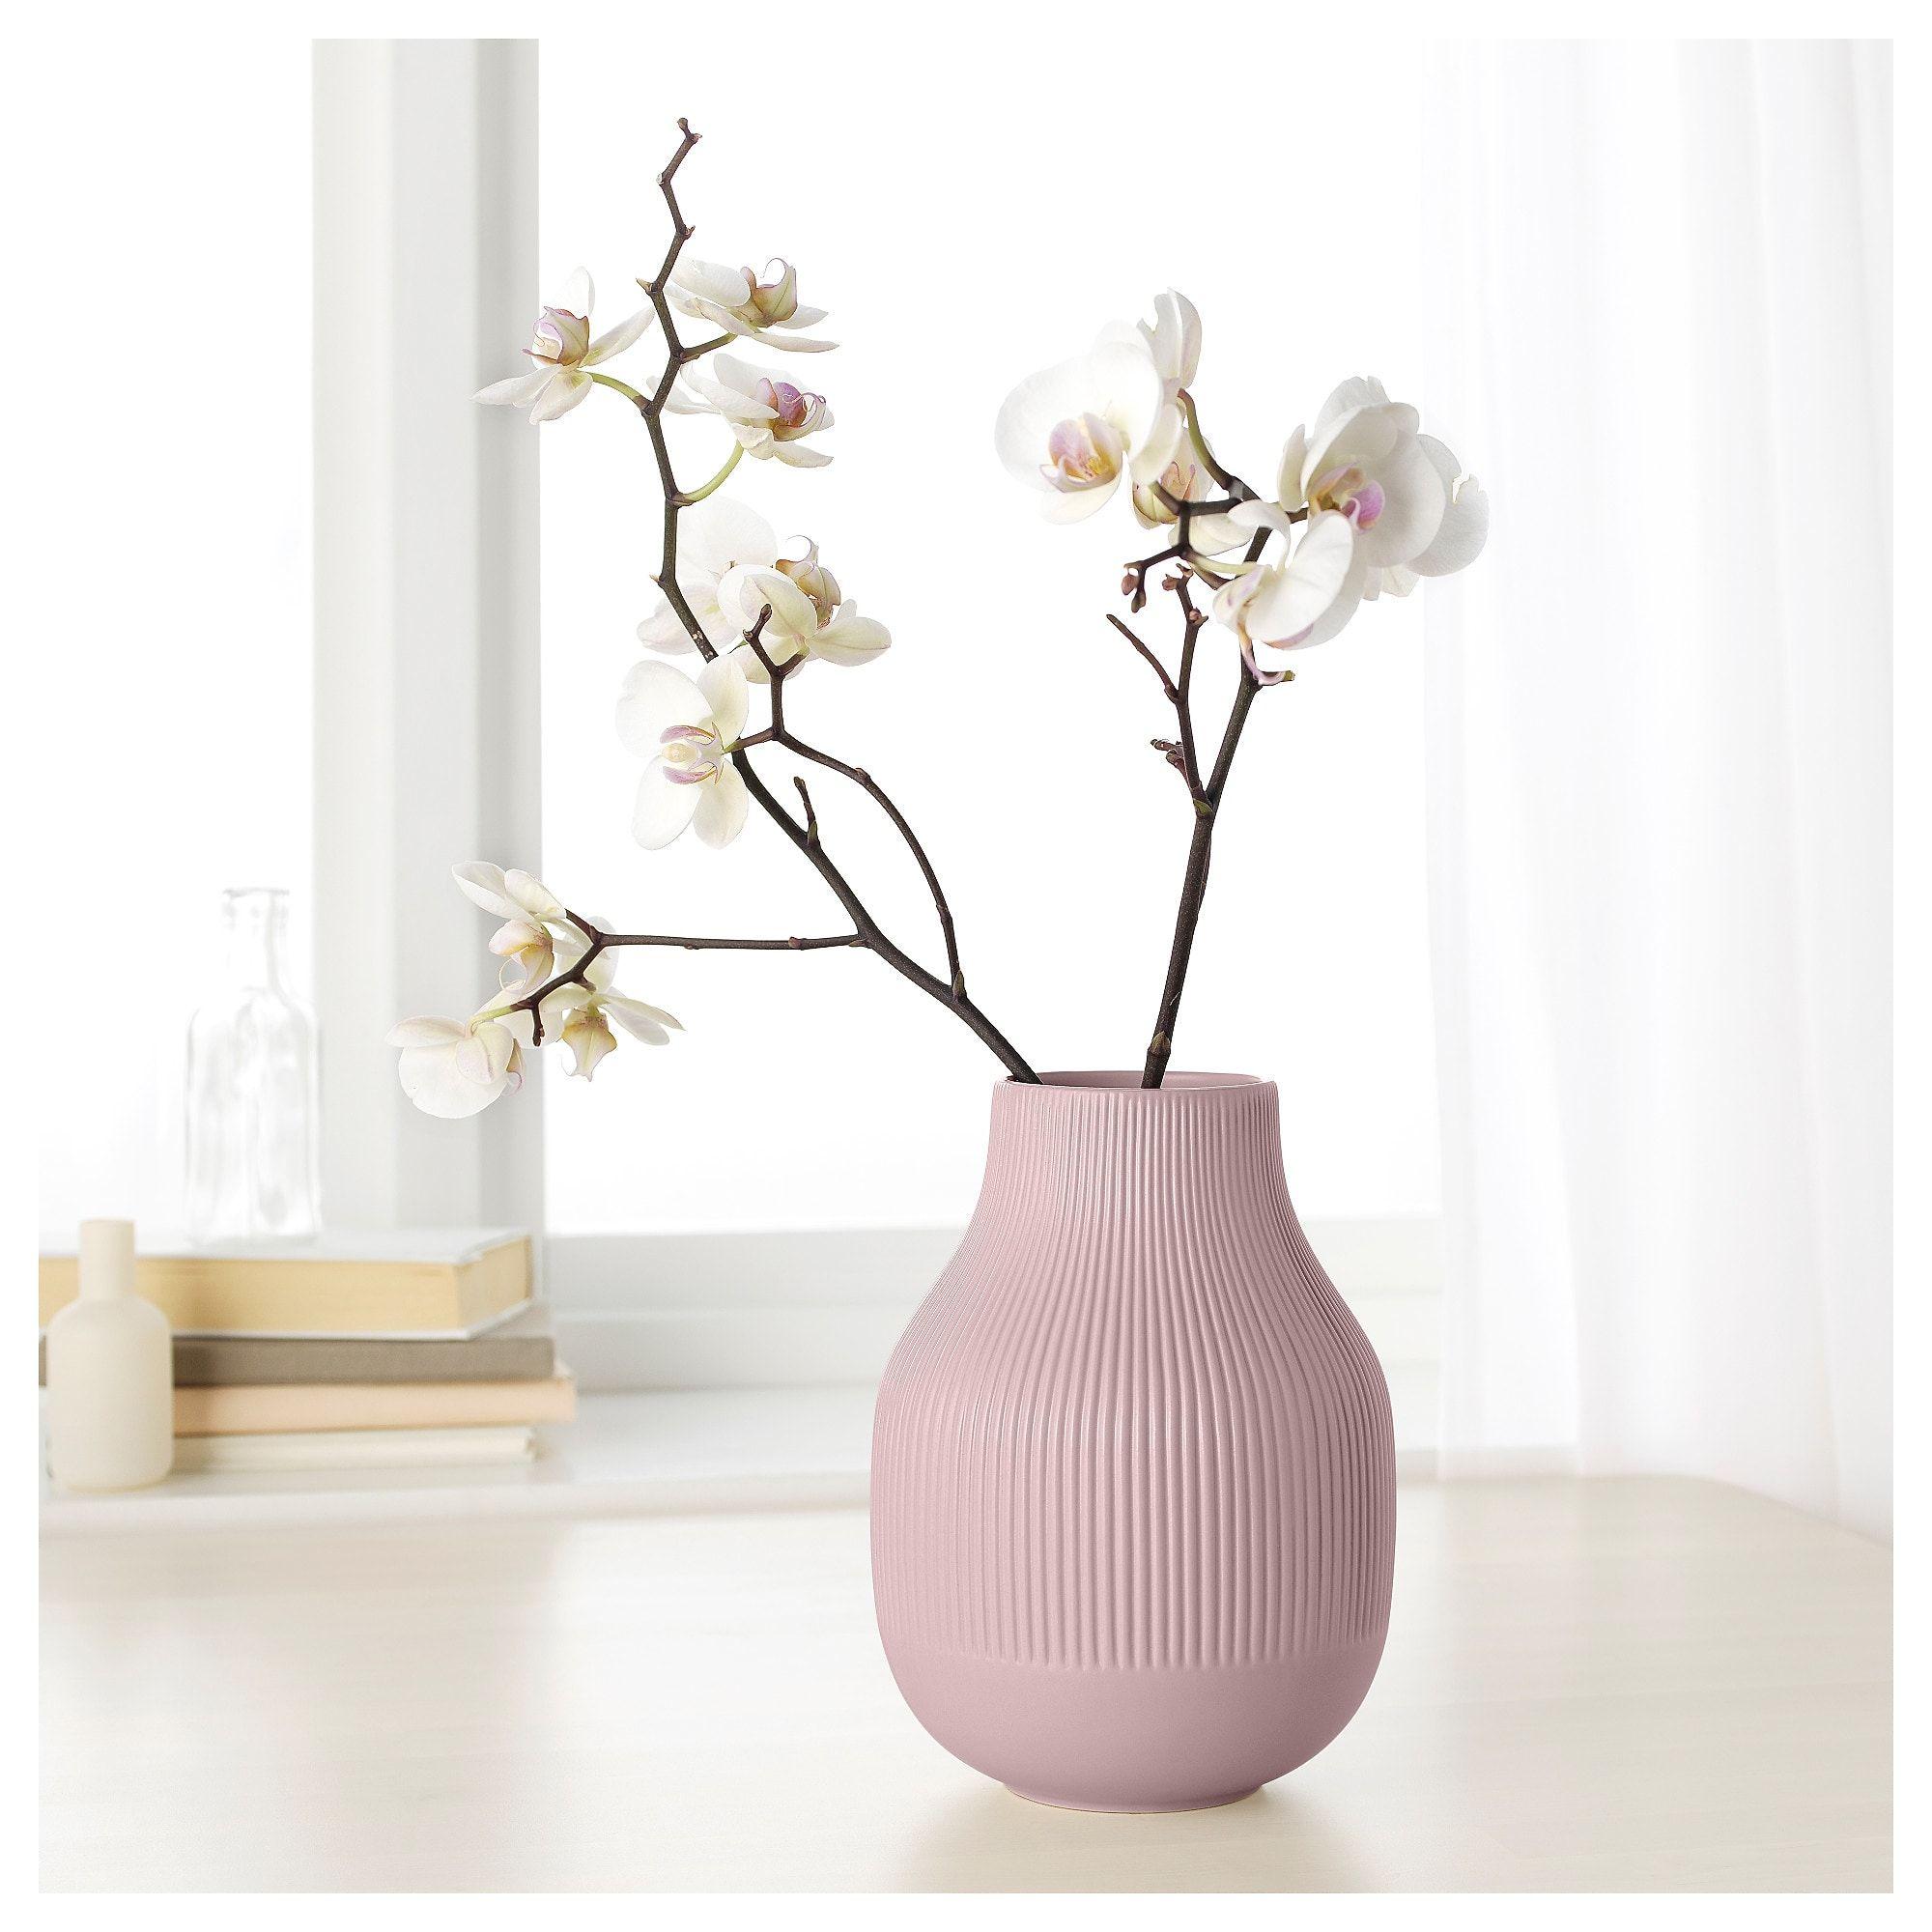 Ikea Gradvis Pink Vase Ikea Vases Vases Decor Room Decor